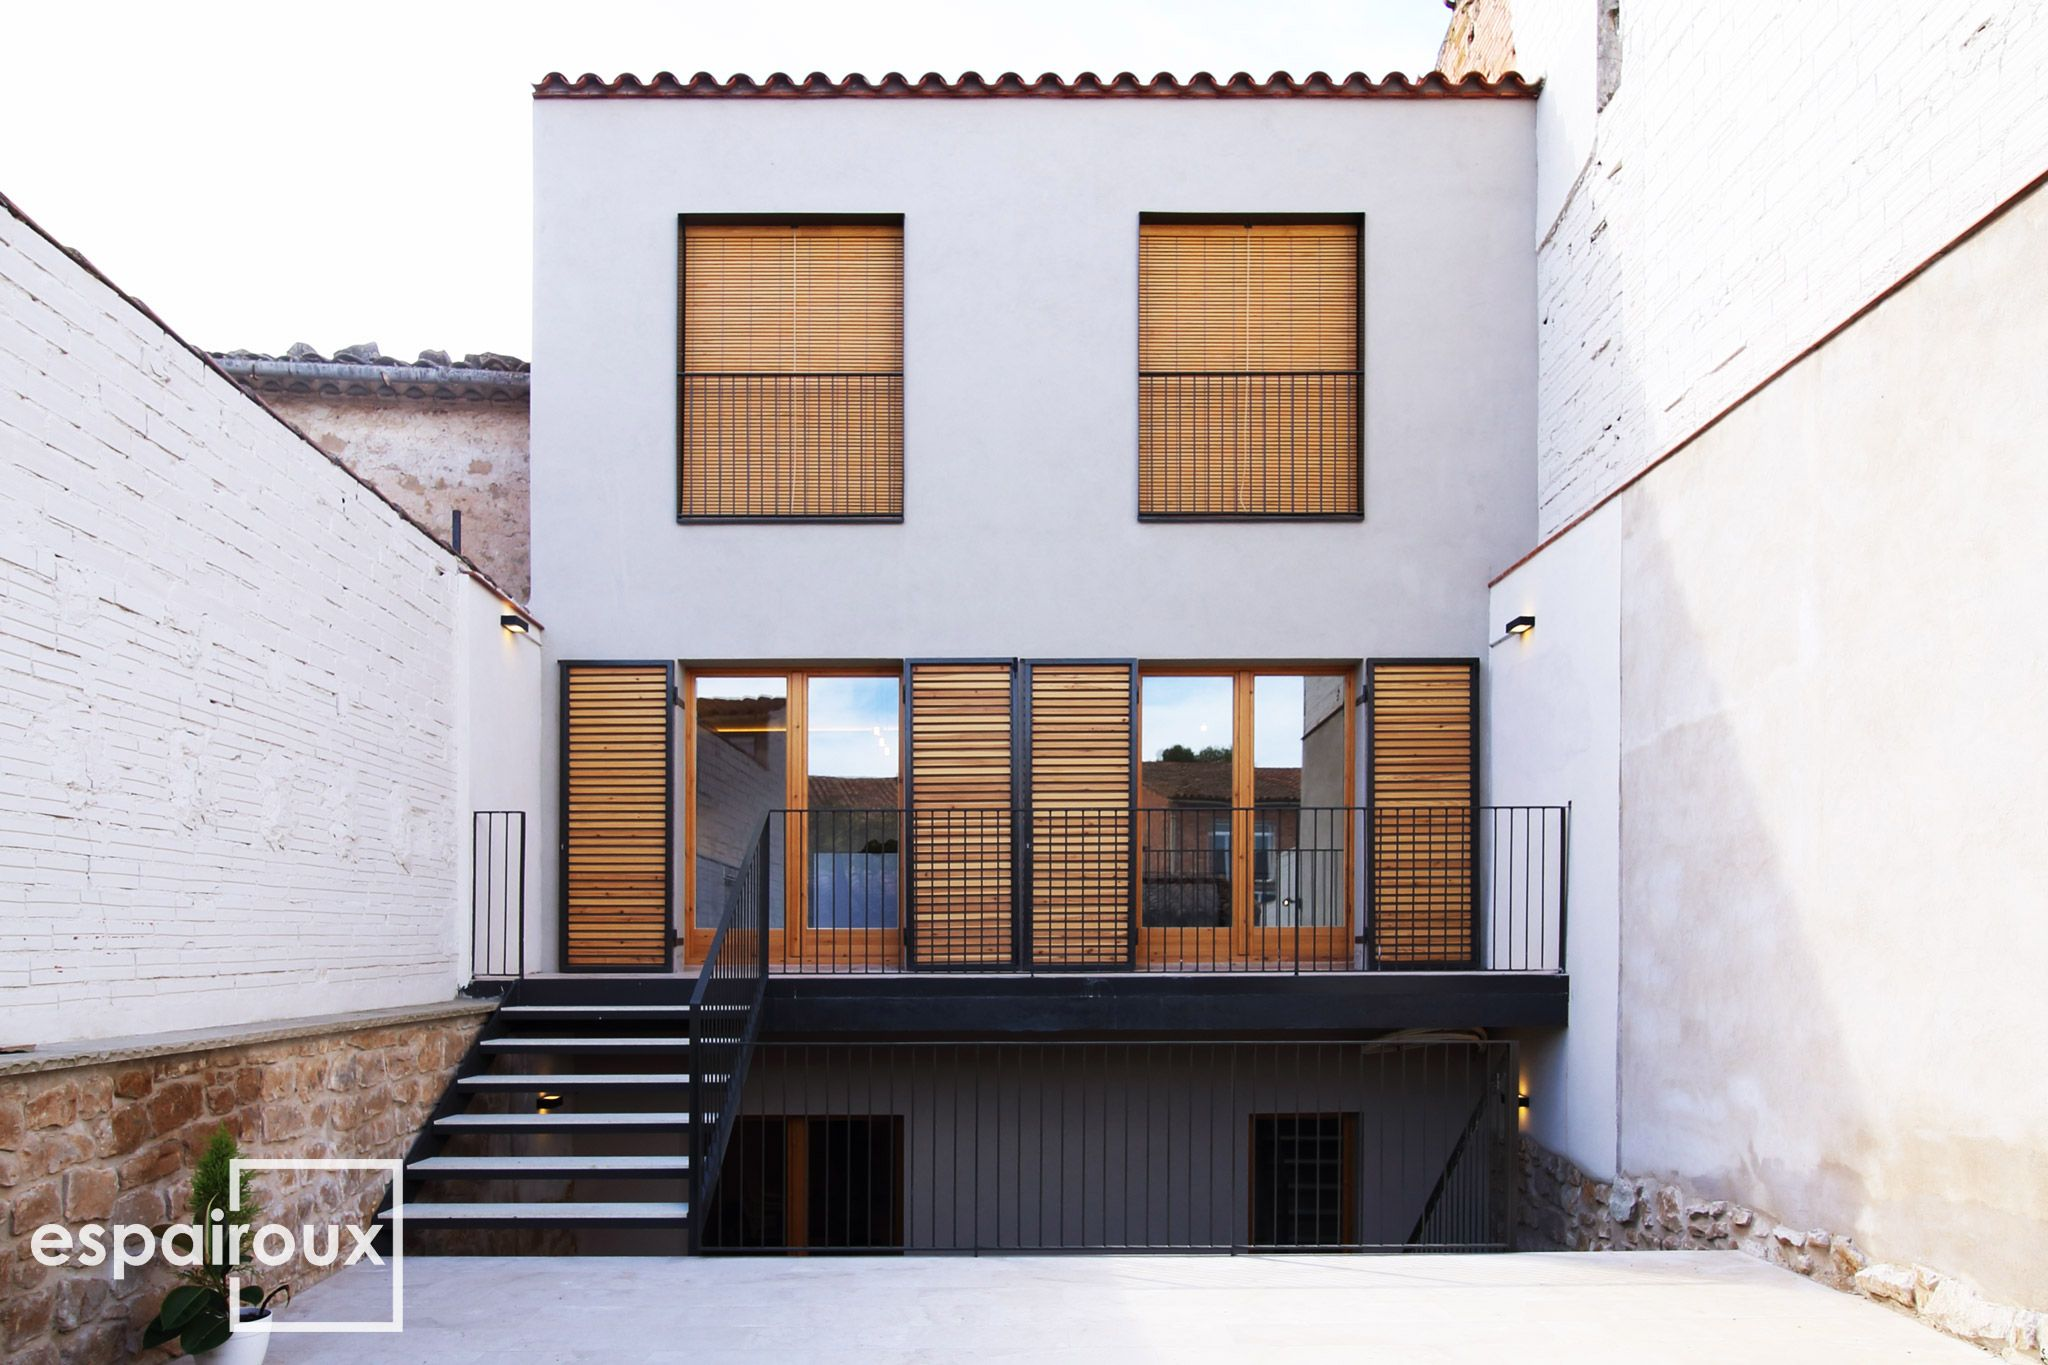 Fachada posterior de una vivienda unifamiliar entre - Vivienda unifamiliar entre medianeras ...